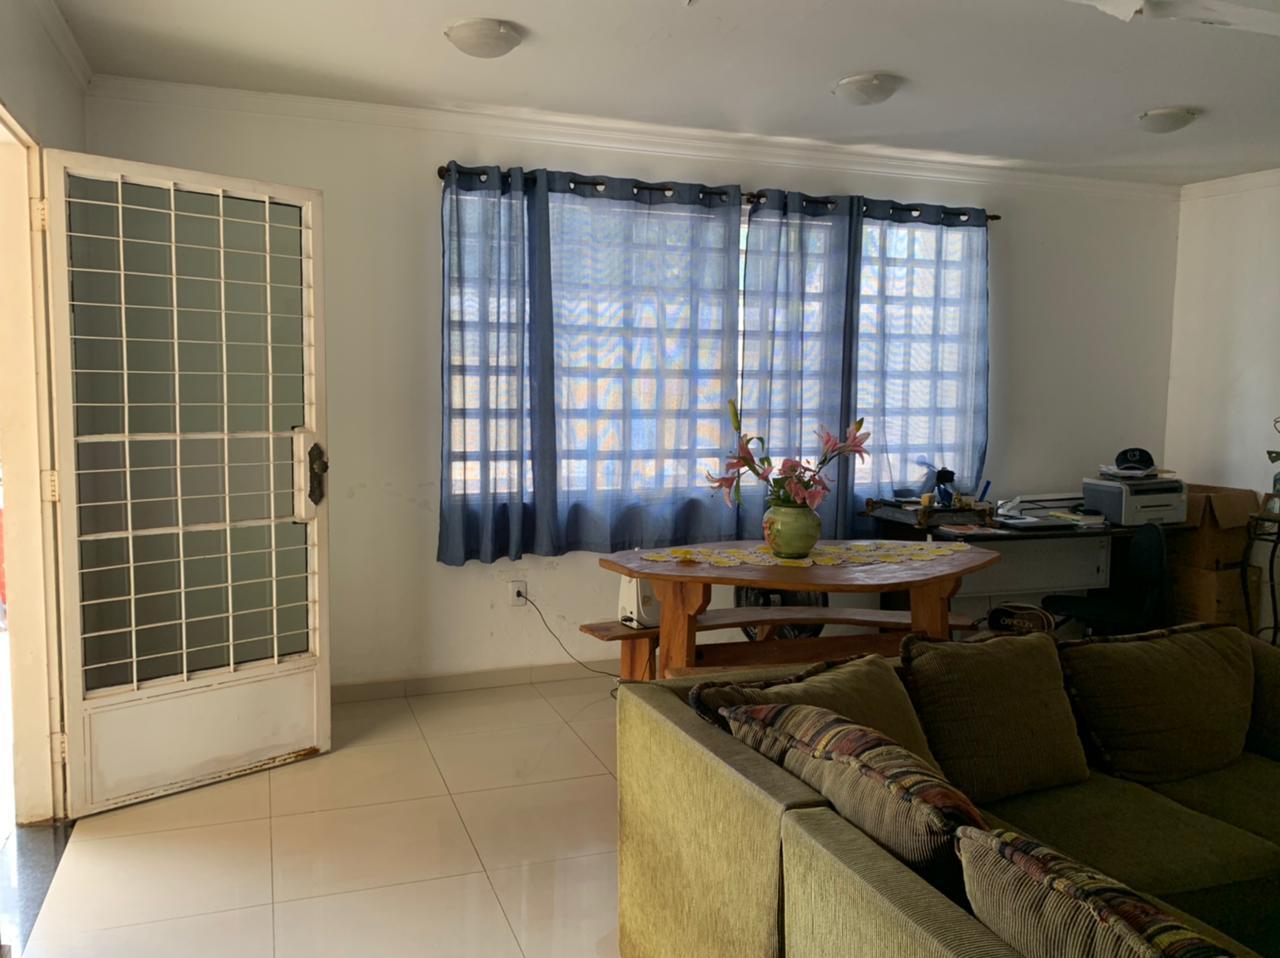 Casa  com 3 quartos sendo 1 Suíte no Morada do Ouro - Setor Centro Sul, Cuiabá  - MT